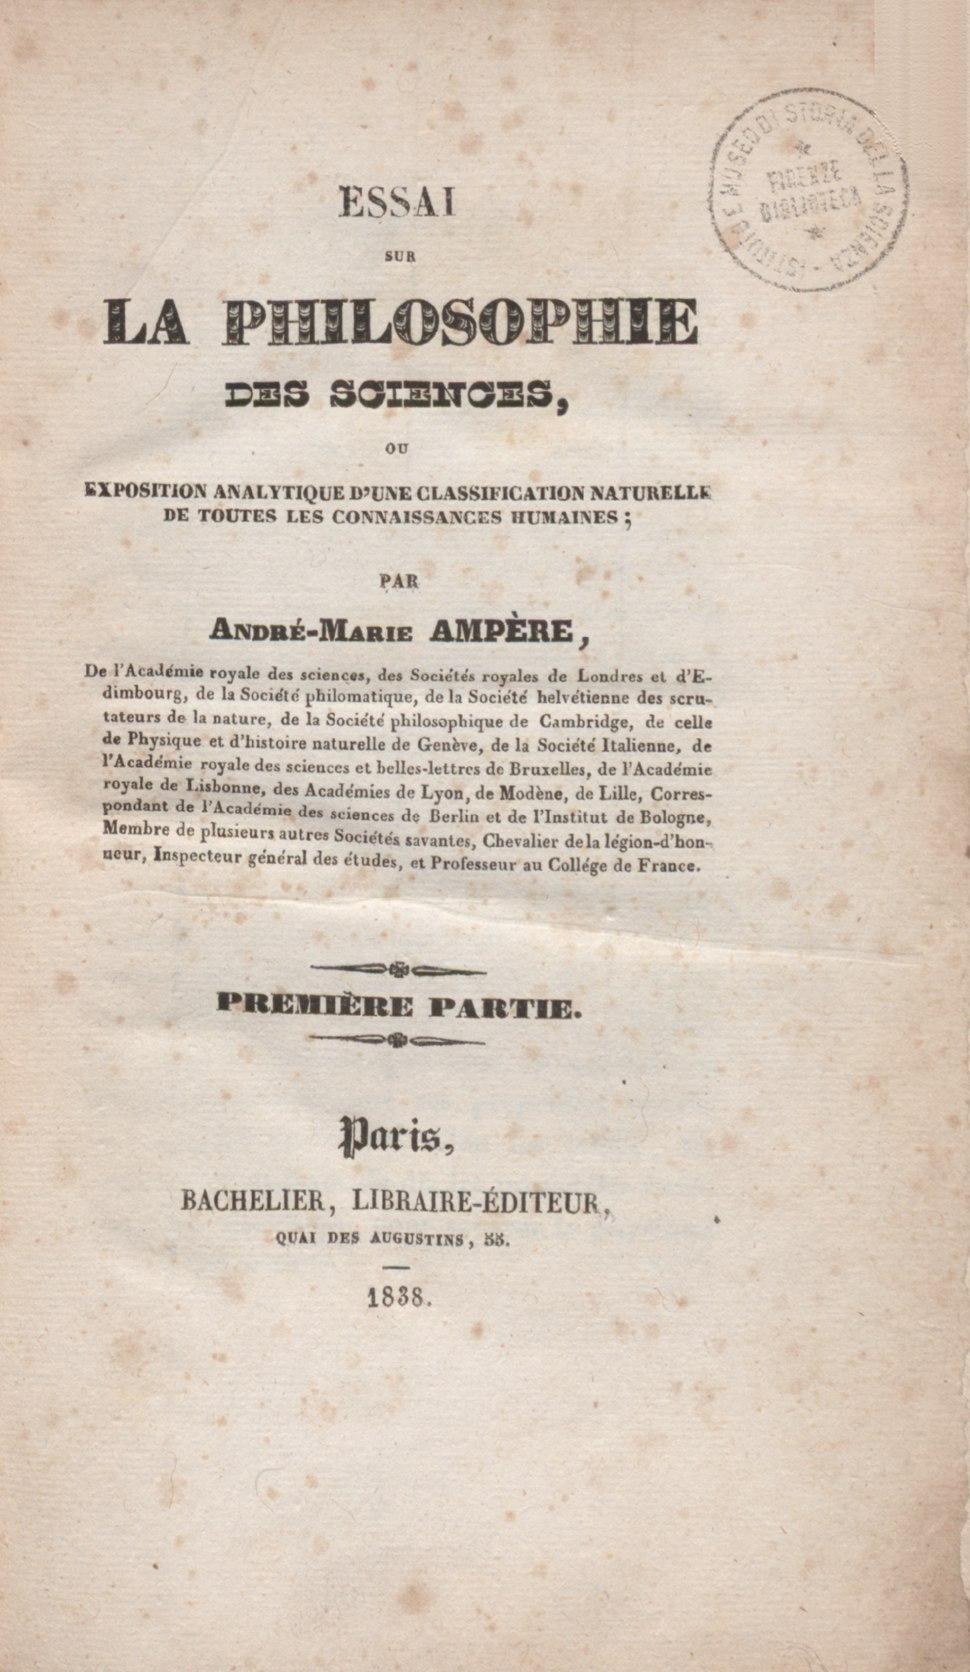 Ampère - Essai sur la philosophie des sciences, 1838 - 3912601 323893 1 00011